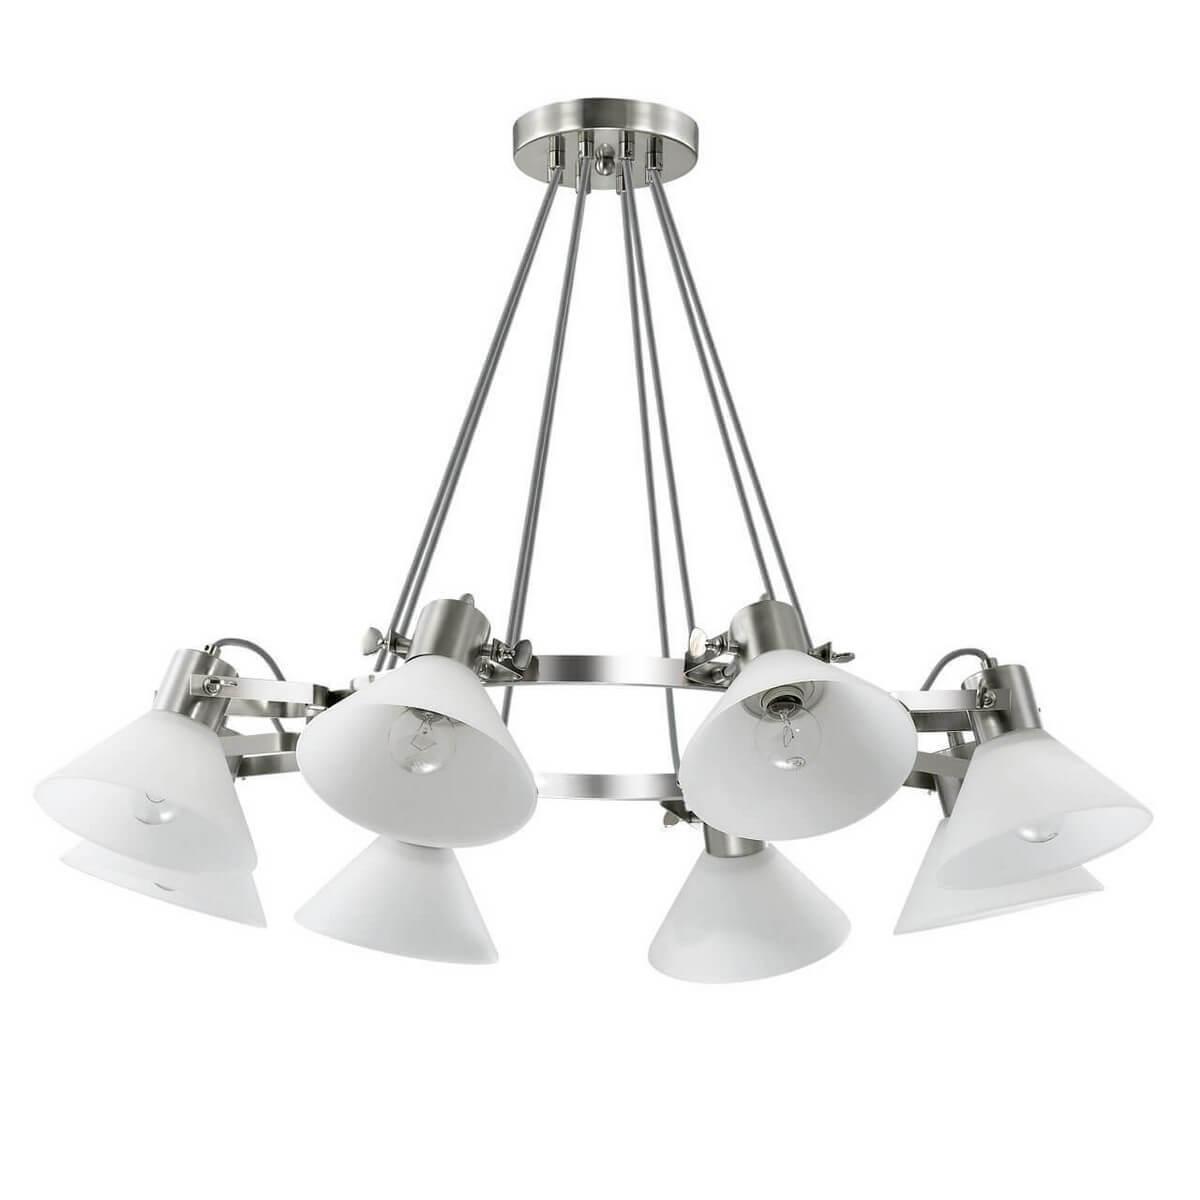 Подвесной светильник Lumion 3707/8, E14, 40 Вт lumion подвесная люстра lumion felikina 3307 8